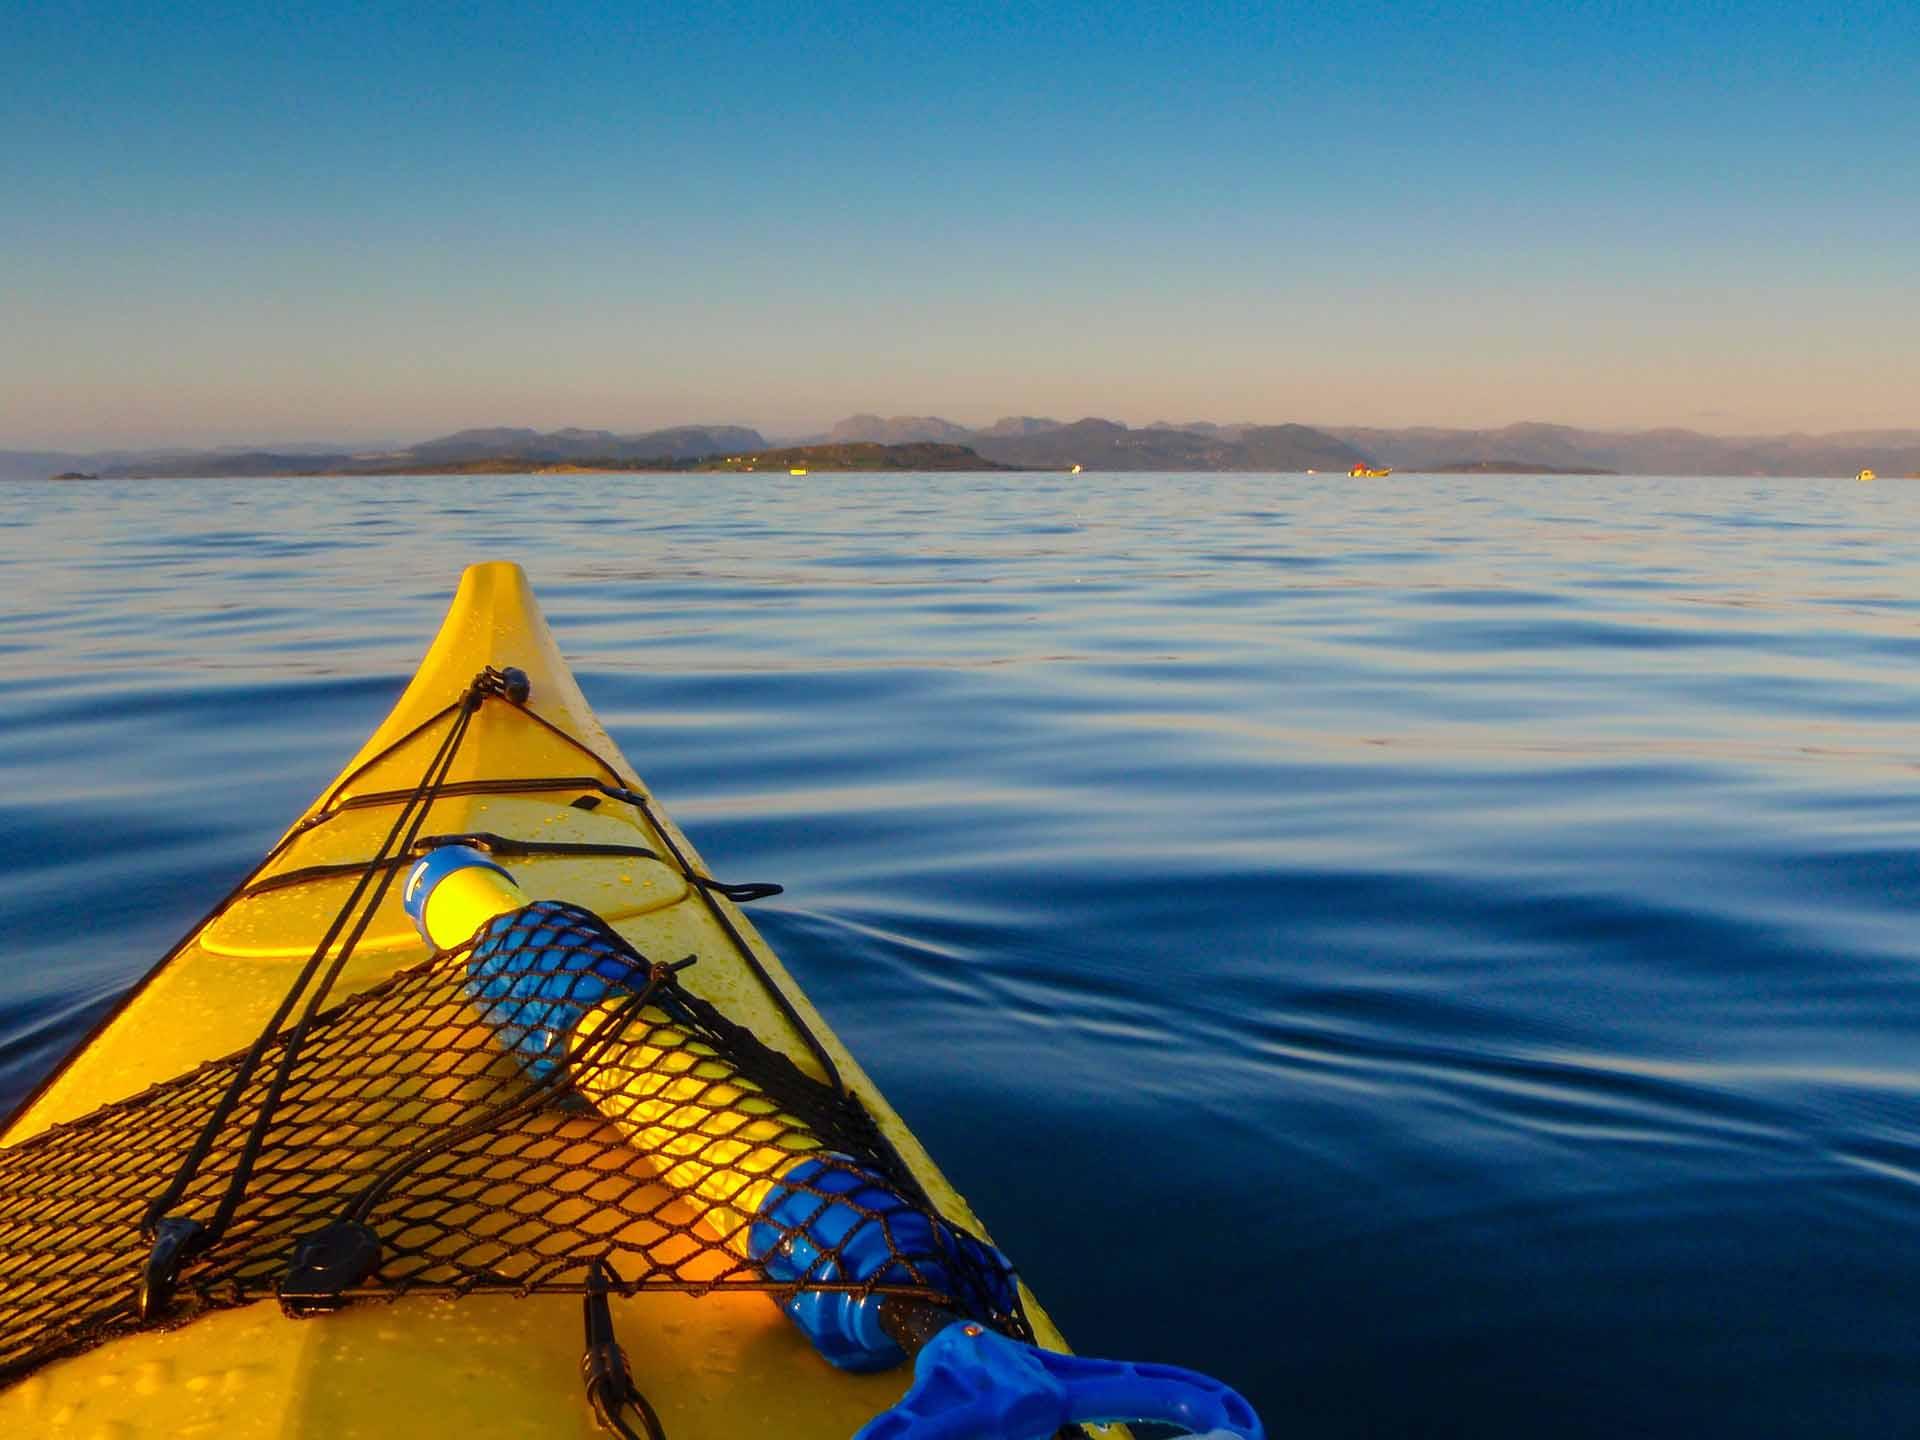 Kayak amarillo tranquilamente flotando en el mar